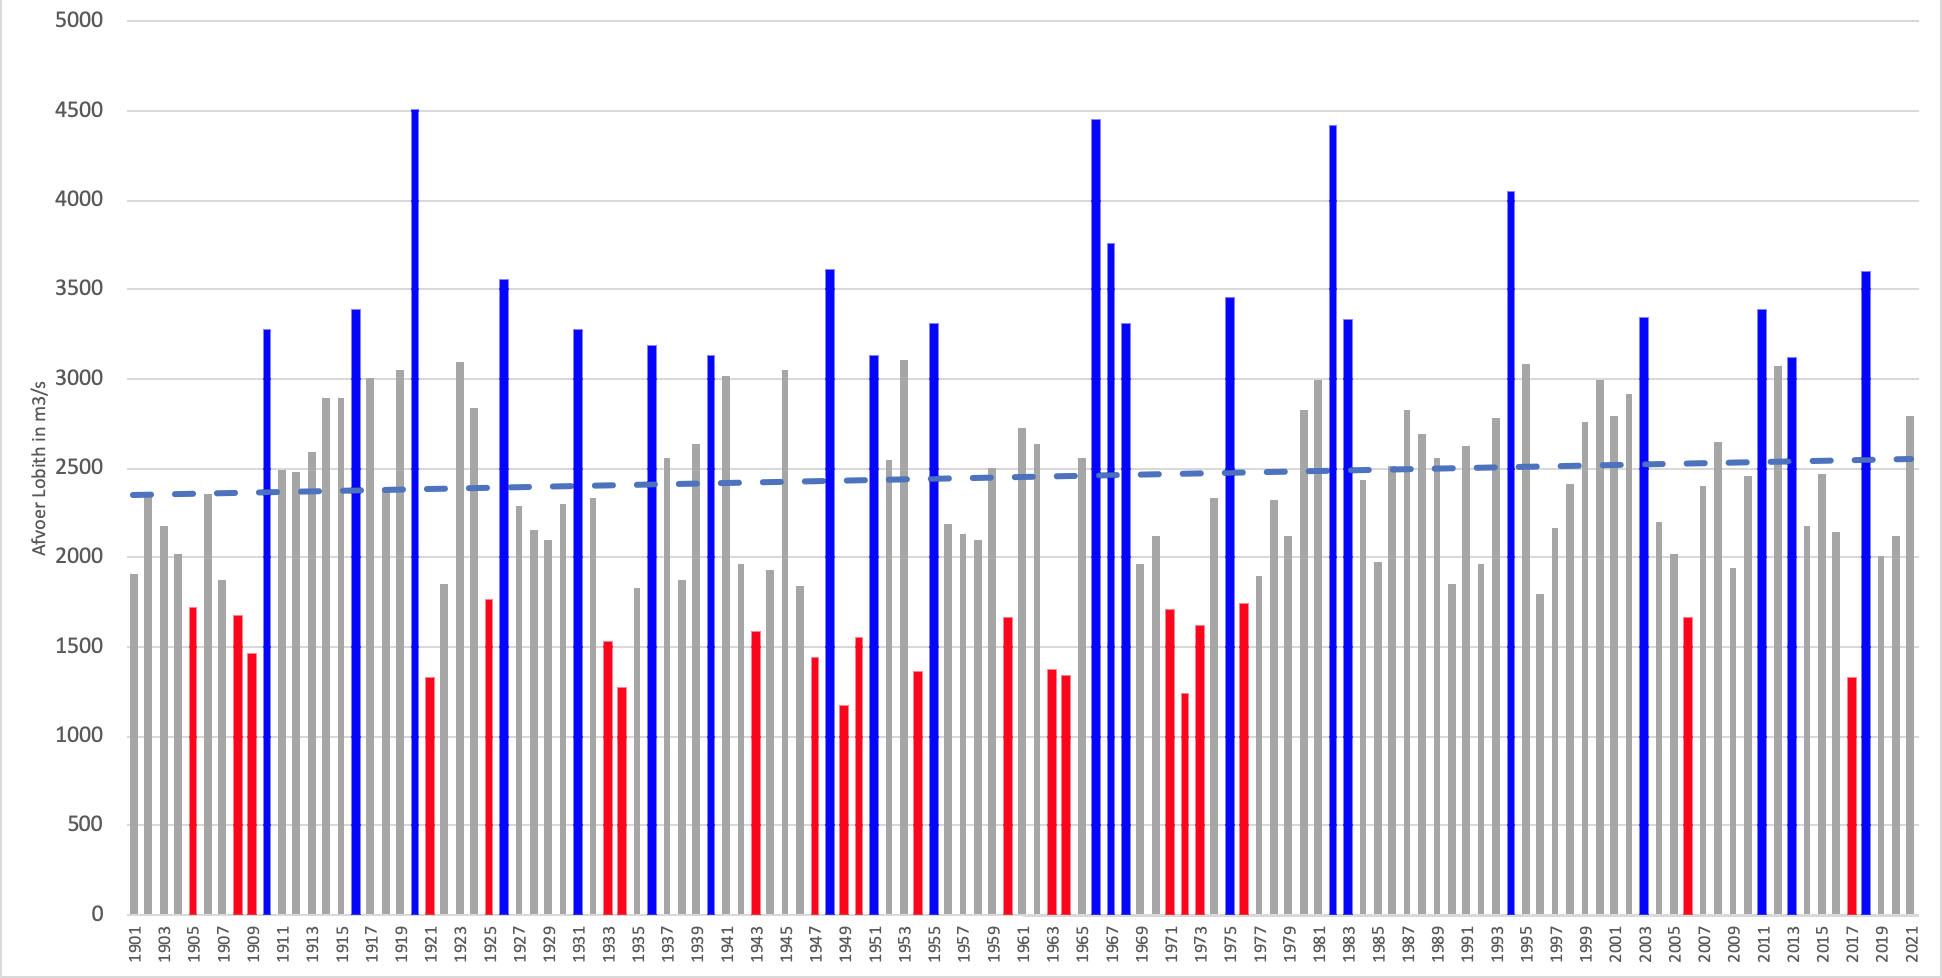 Gemiddelde afvoer van de Rijn bij Lobith sinds 1901 met trendlijn en de 20 jaren met de hoogste en laagste afvoer gemarkeerd